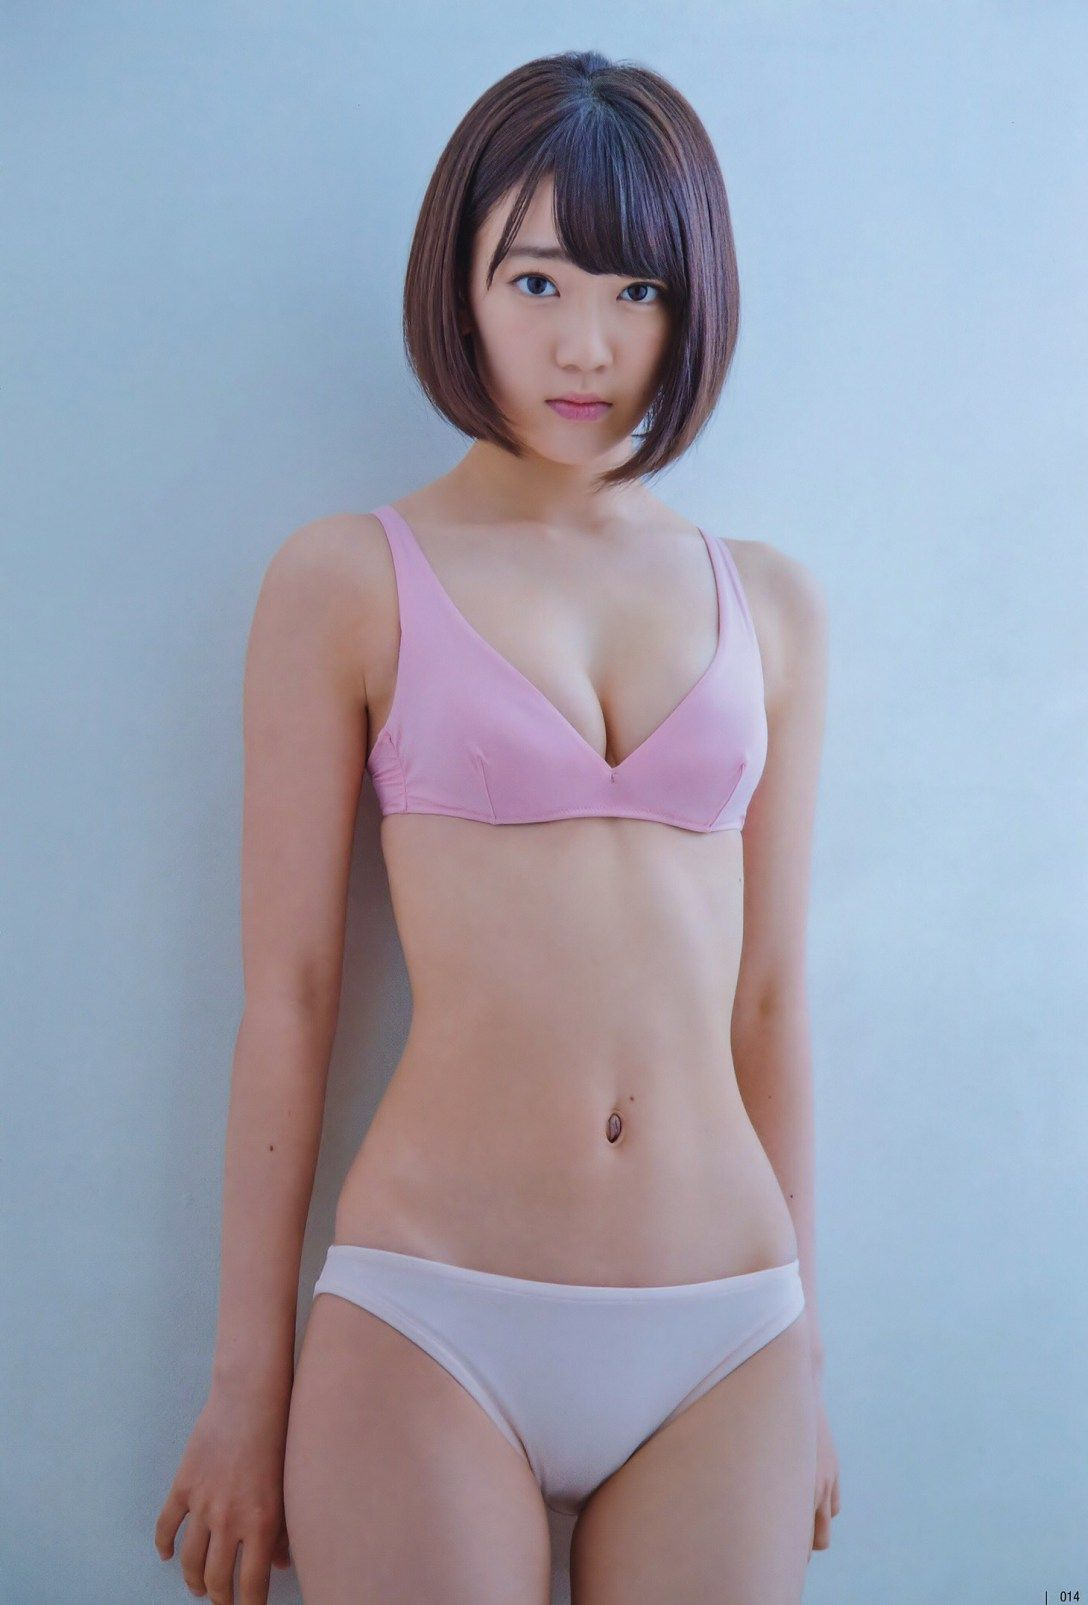 【芸能】 女子が好きなアイドル対決「モーニング娘。」VS「AKB48」、好き&嫌いな理由は?